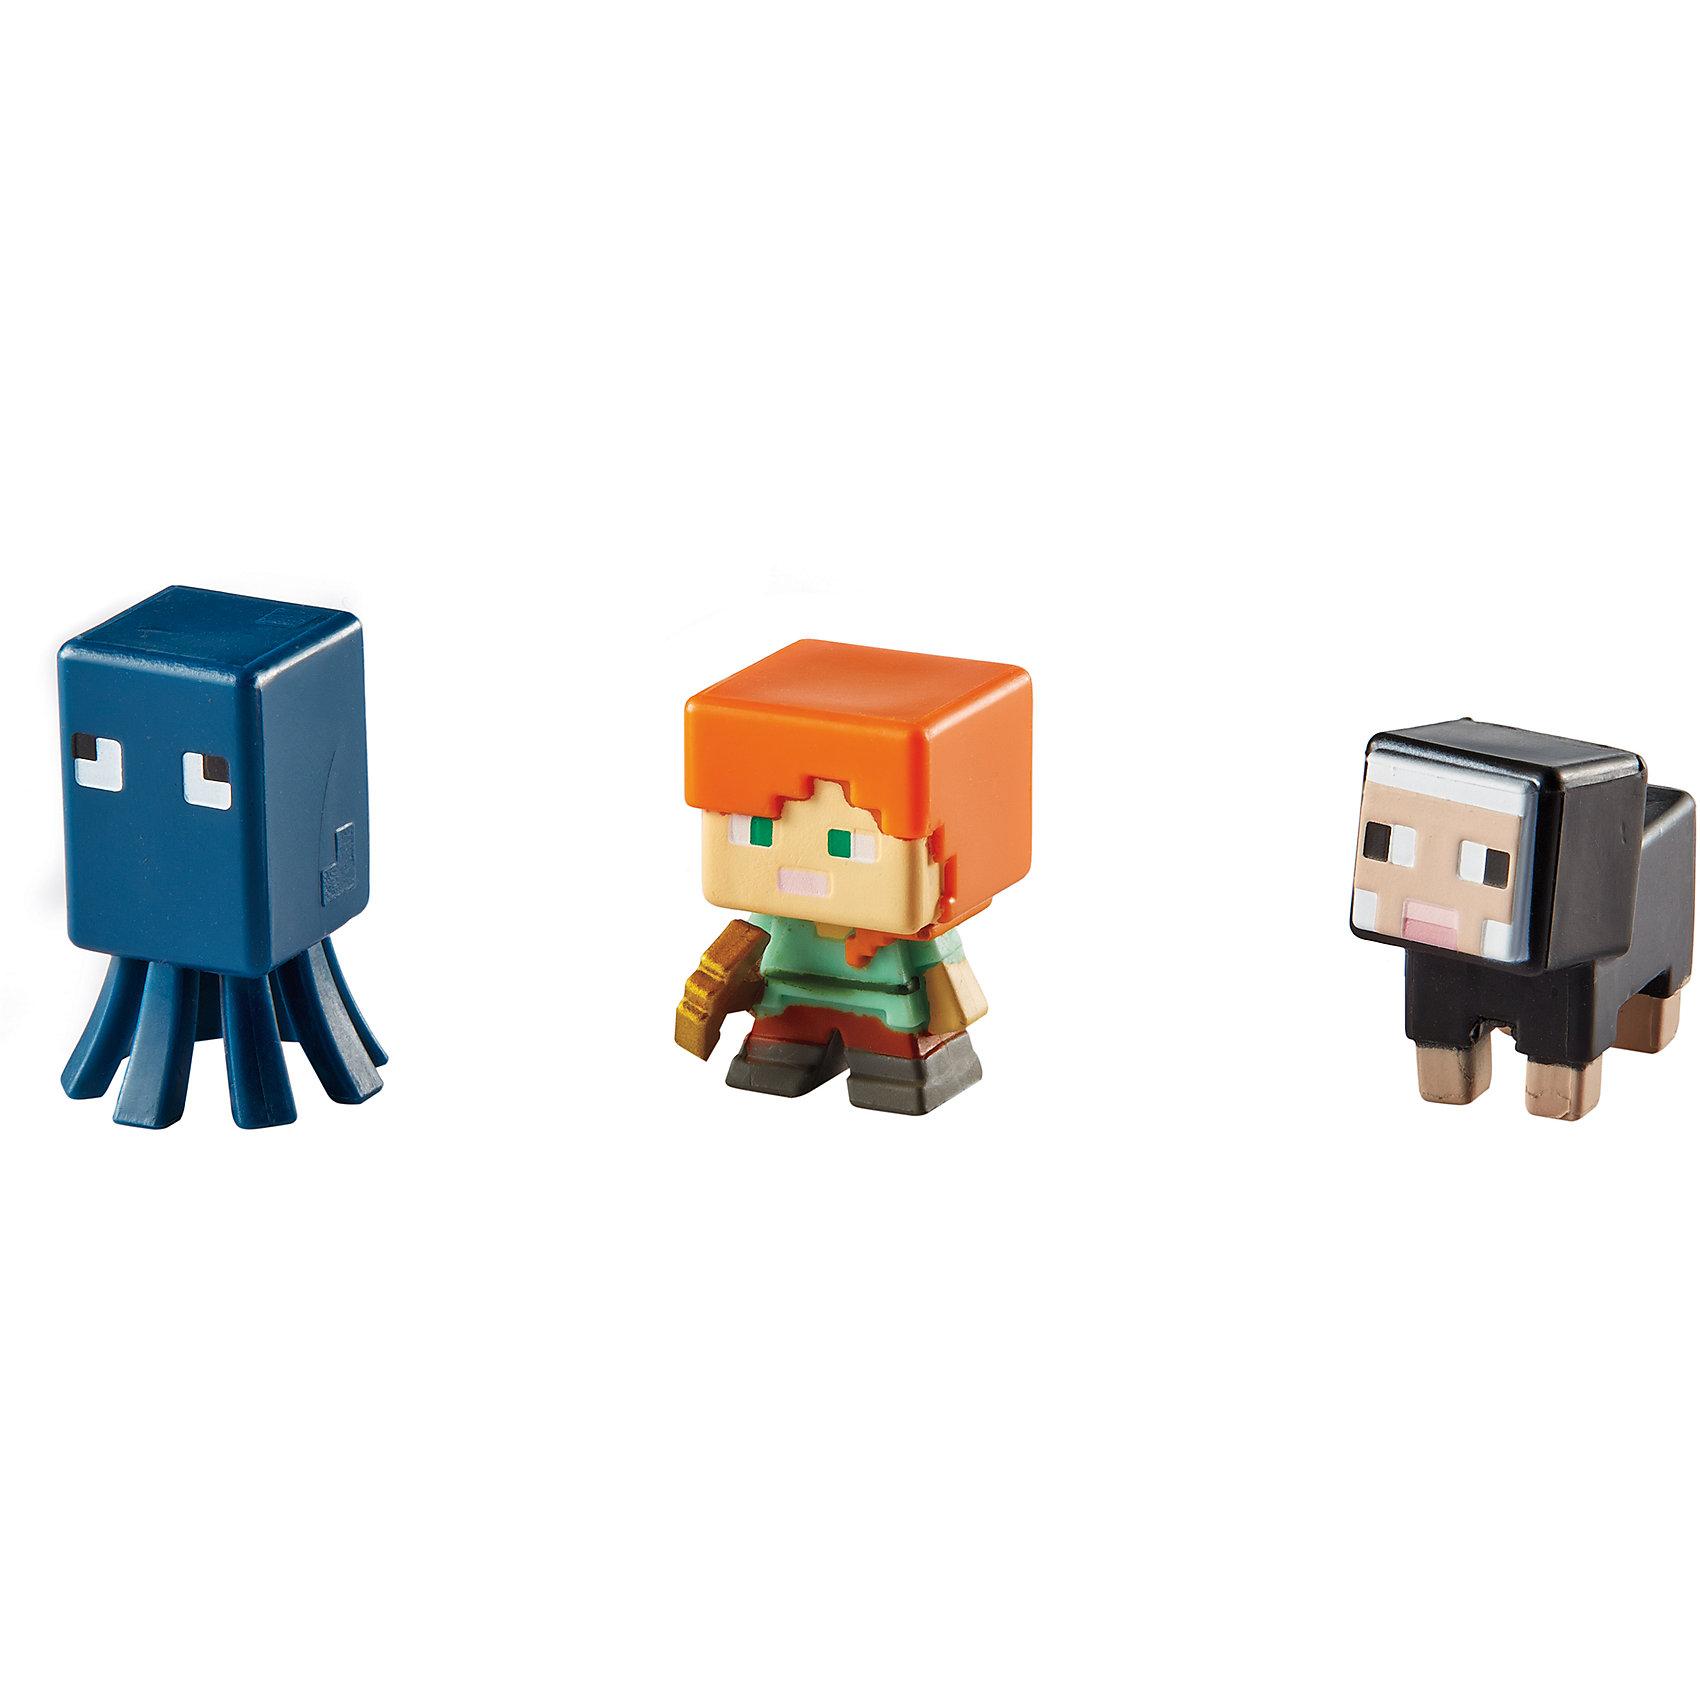 Набор из 3х фигурок  MinecraftЭти фигурки приведут в восторг всех поклонников Minecraft. Они прекрасно детализированы, реалистично раскрашены, очень похожи на героев компьютерной игры. Собери все фигурки, создавай свои мир Майнкрафт прямо на письменном столе или там, где ты пожелаешь! Игрушки выполнены из высококачественных экологичных материалов безопасных для детей. В наборе: Осьминог, Алекс, Черная овца. <br><br>Дополнительная информация:<br><br>- Материал: пластик.<br>- Размер упаковки: 16,5х16,5х4 см.<br>- Размер фигурки: 3 см. <br>- 3 фигурки в комплекте. <br><br>Набор из 3х фигурок  Minecraft (Майнкрафт) можно купить в нашем магазине.<br><br>Ширина мм: 166<br>Глубина мм: 137<br>Высота мм: 30<br>Вес г: 37<br>Возраст от месяцев: 36<br>Возраст до месяцев: 72<br>Пол: Мужской<br>Возраст: Детский<br>SKU: 4557618